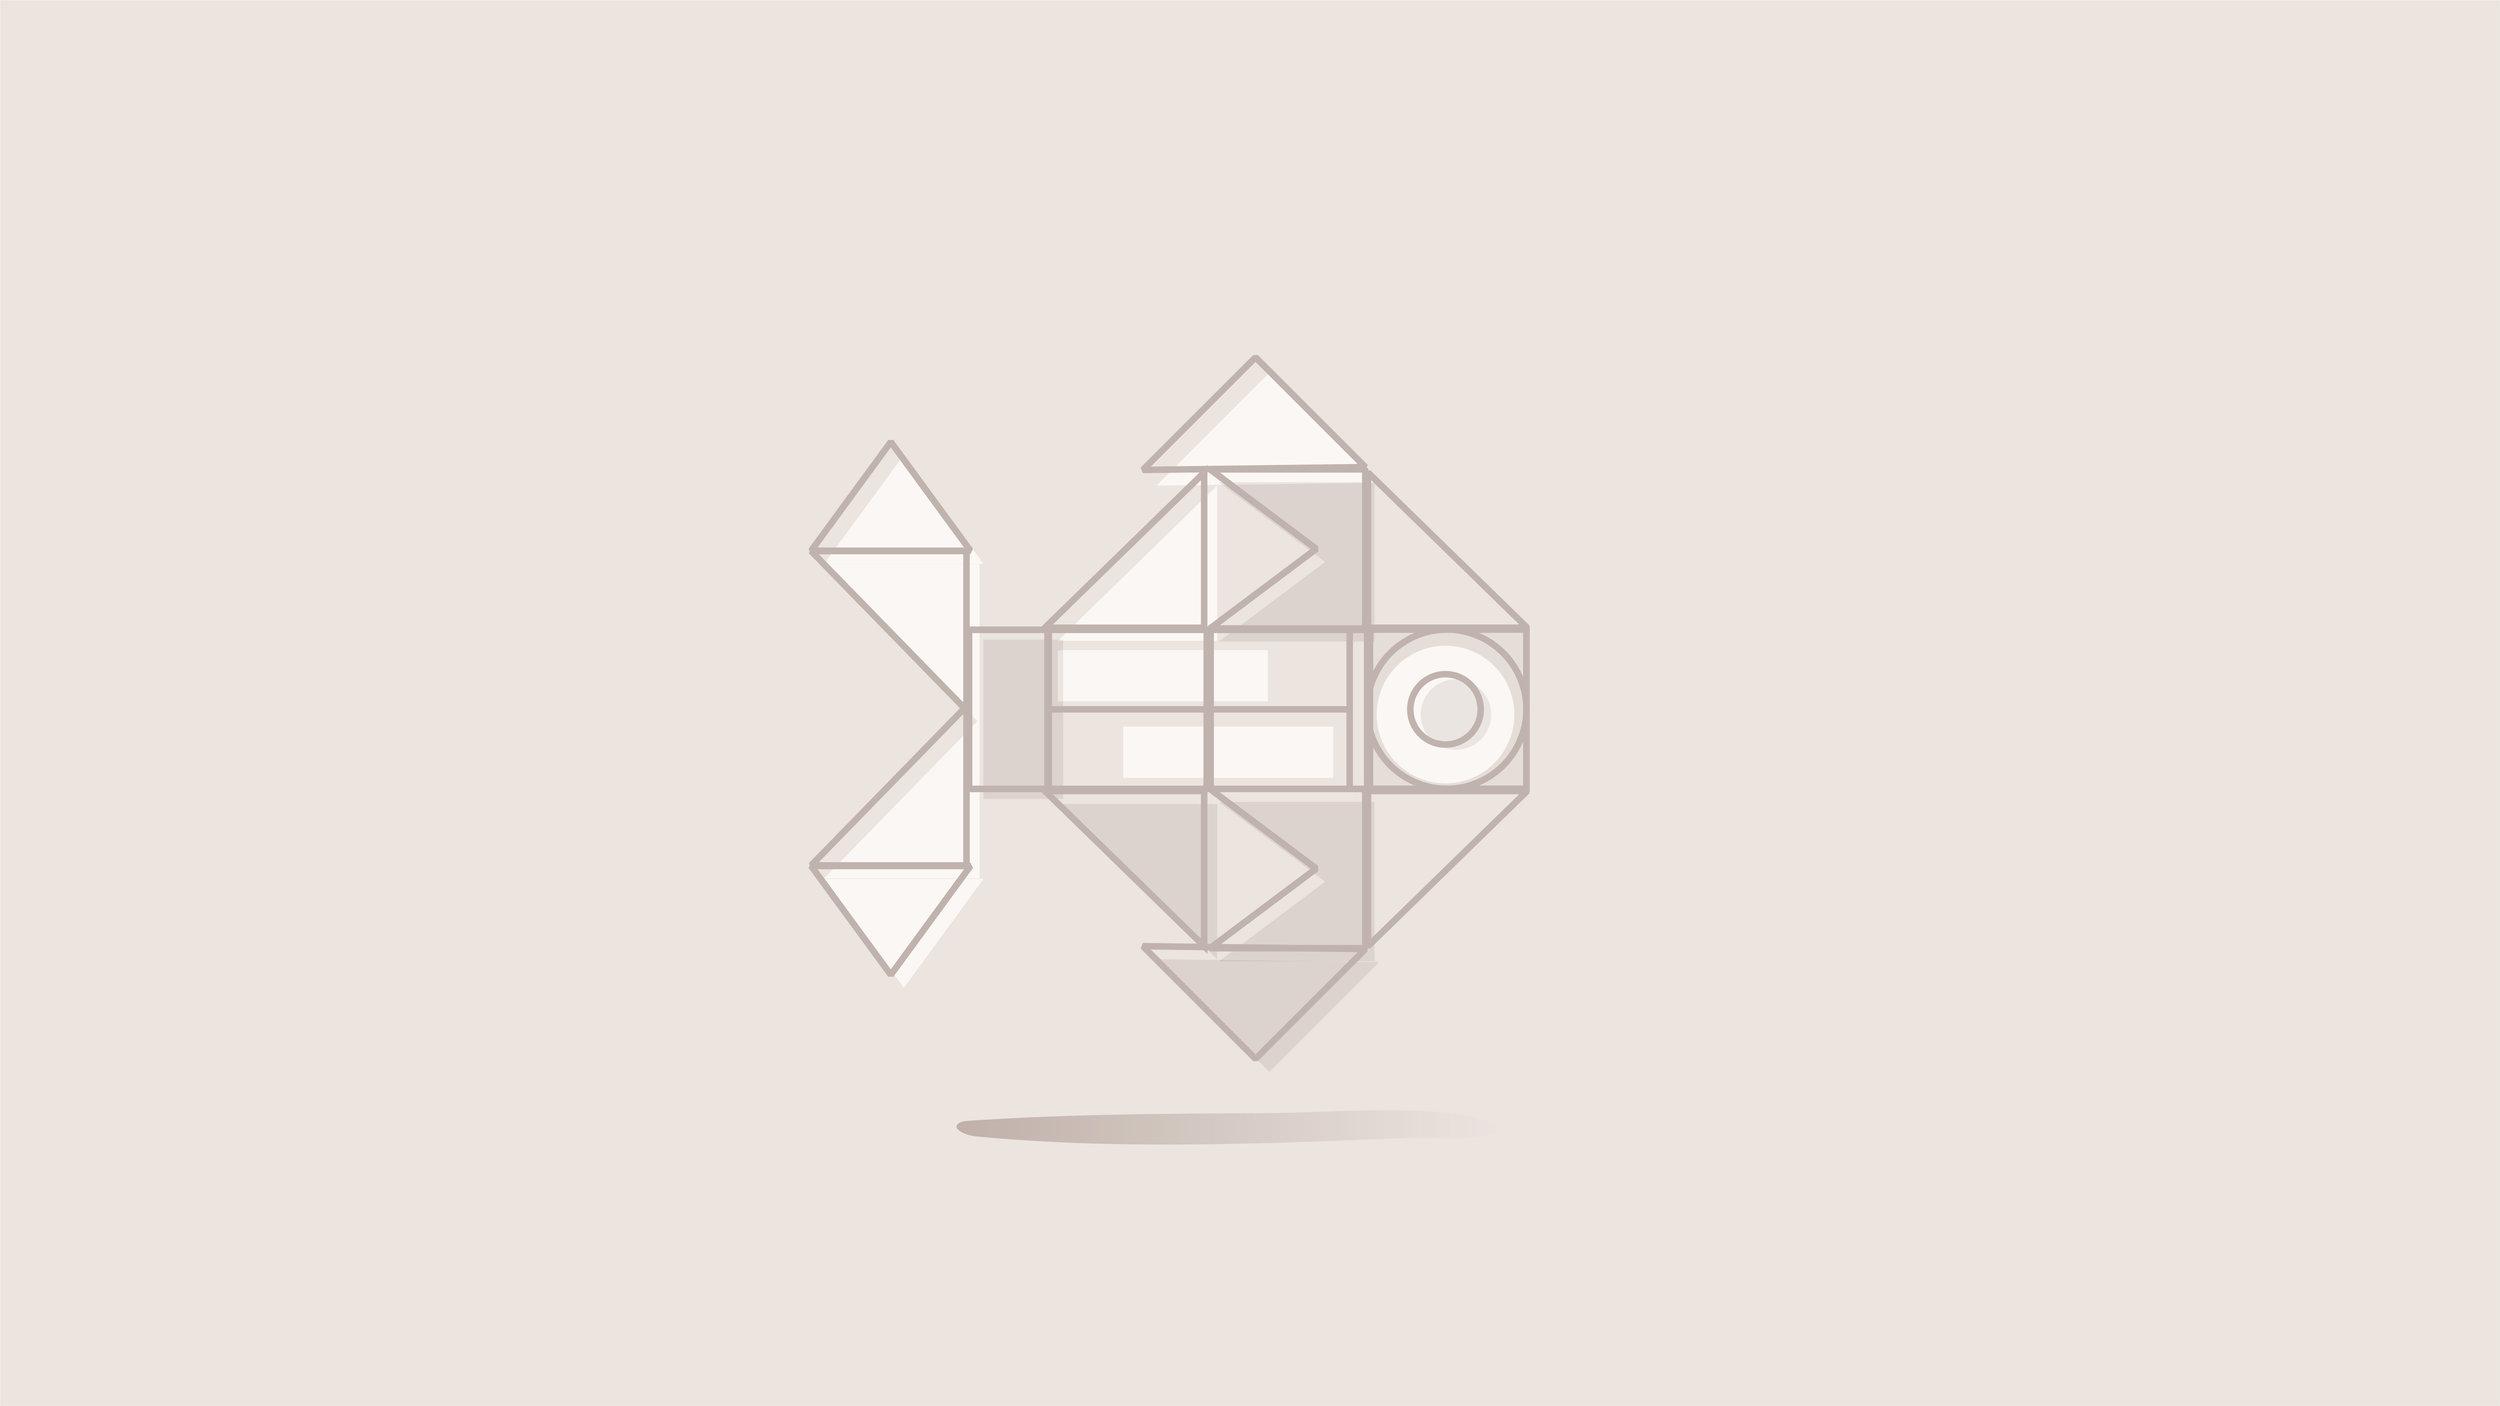 161121_MA_Video_Frames_11 - Evolving.jpg